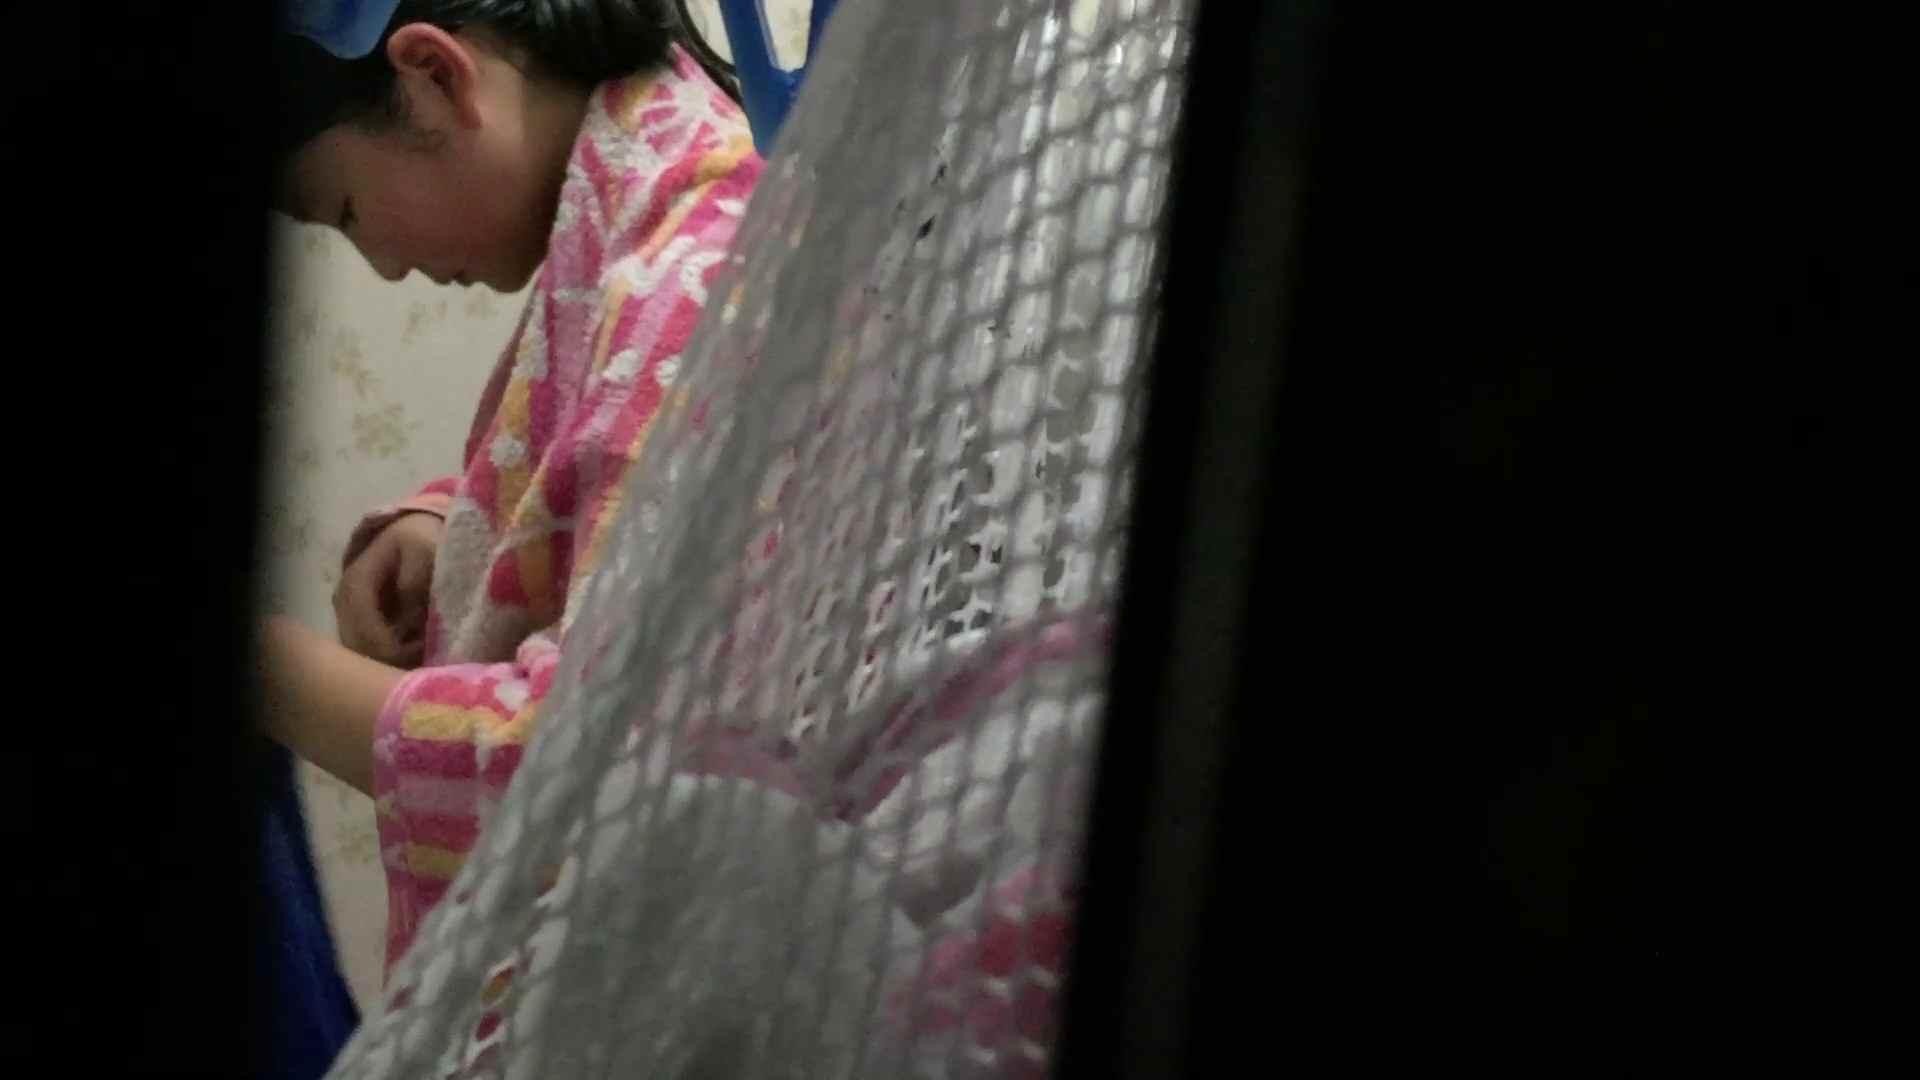 【19位 2016】リアルインパクト盗撮~入浴編 Vol.13 萌える注の入浴 入浴 ワレメ無修正動画無料 106枚 21